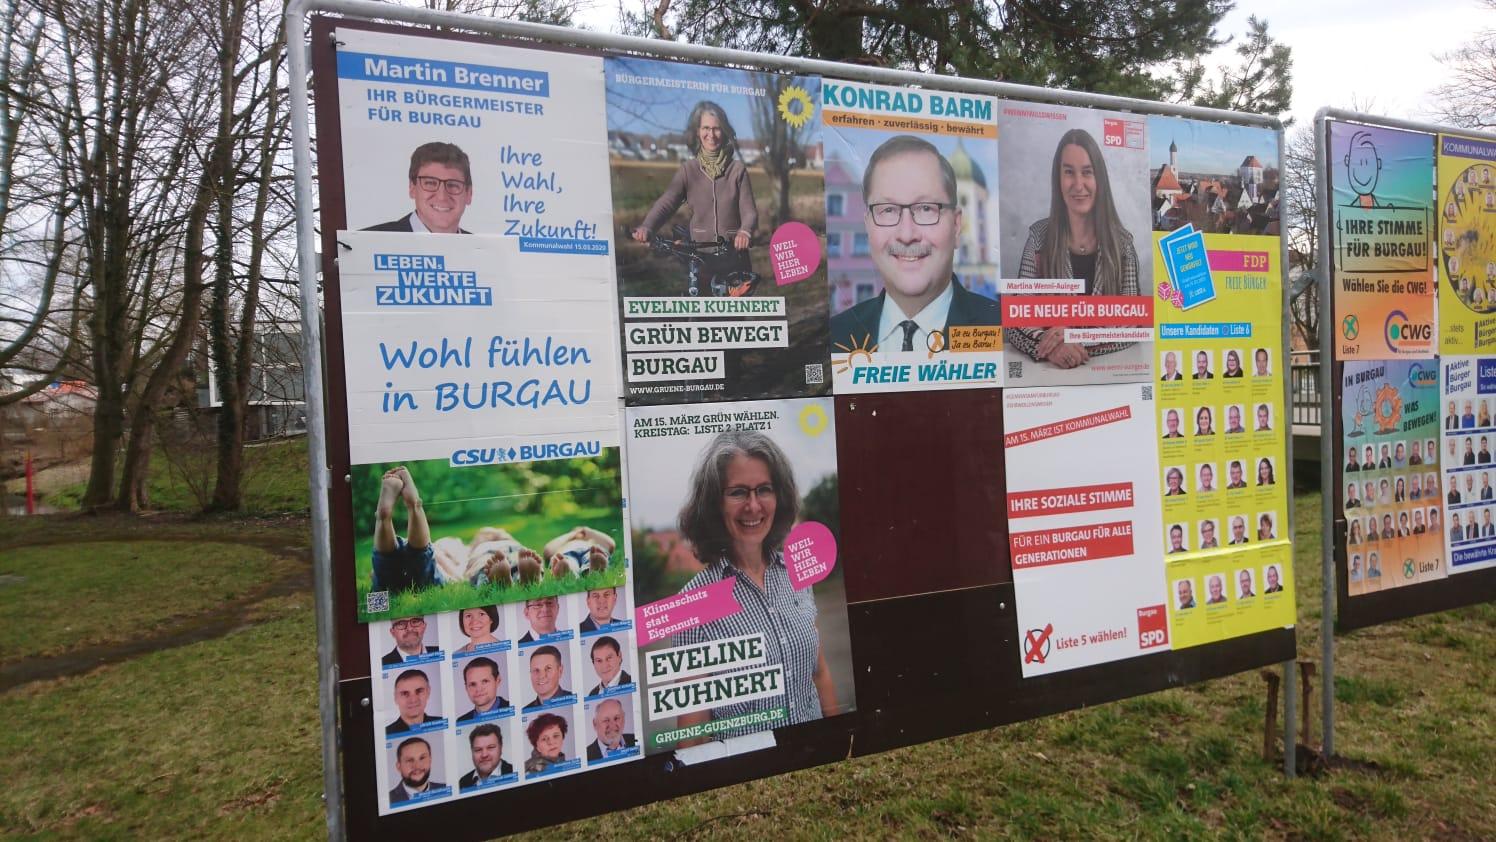 Ressourcenschonender Wahlkampf in Burgau